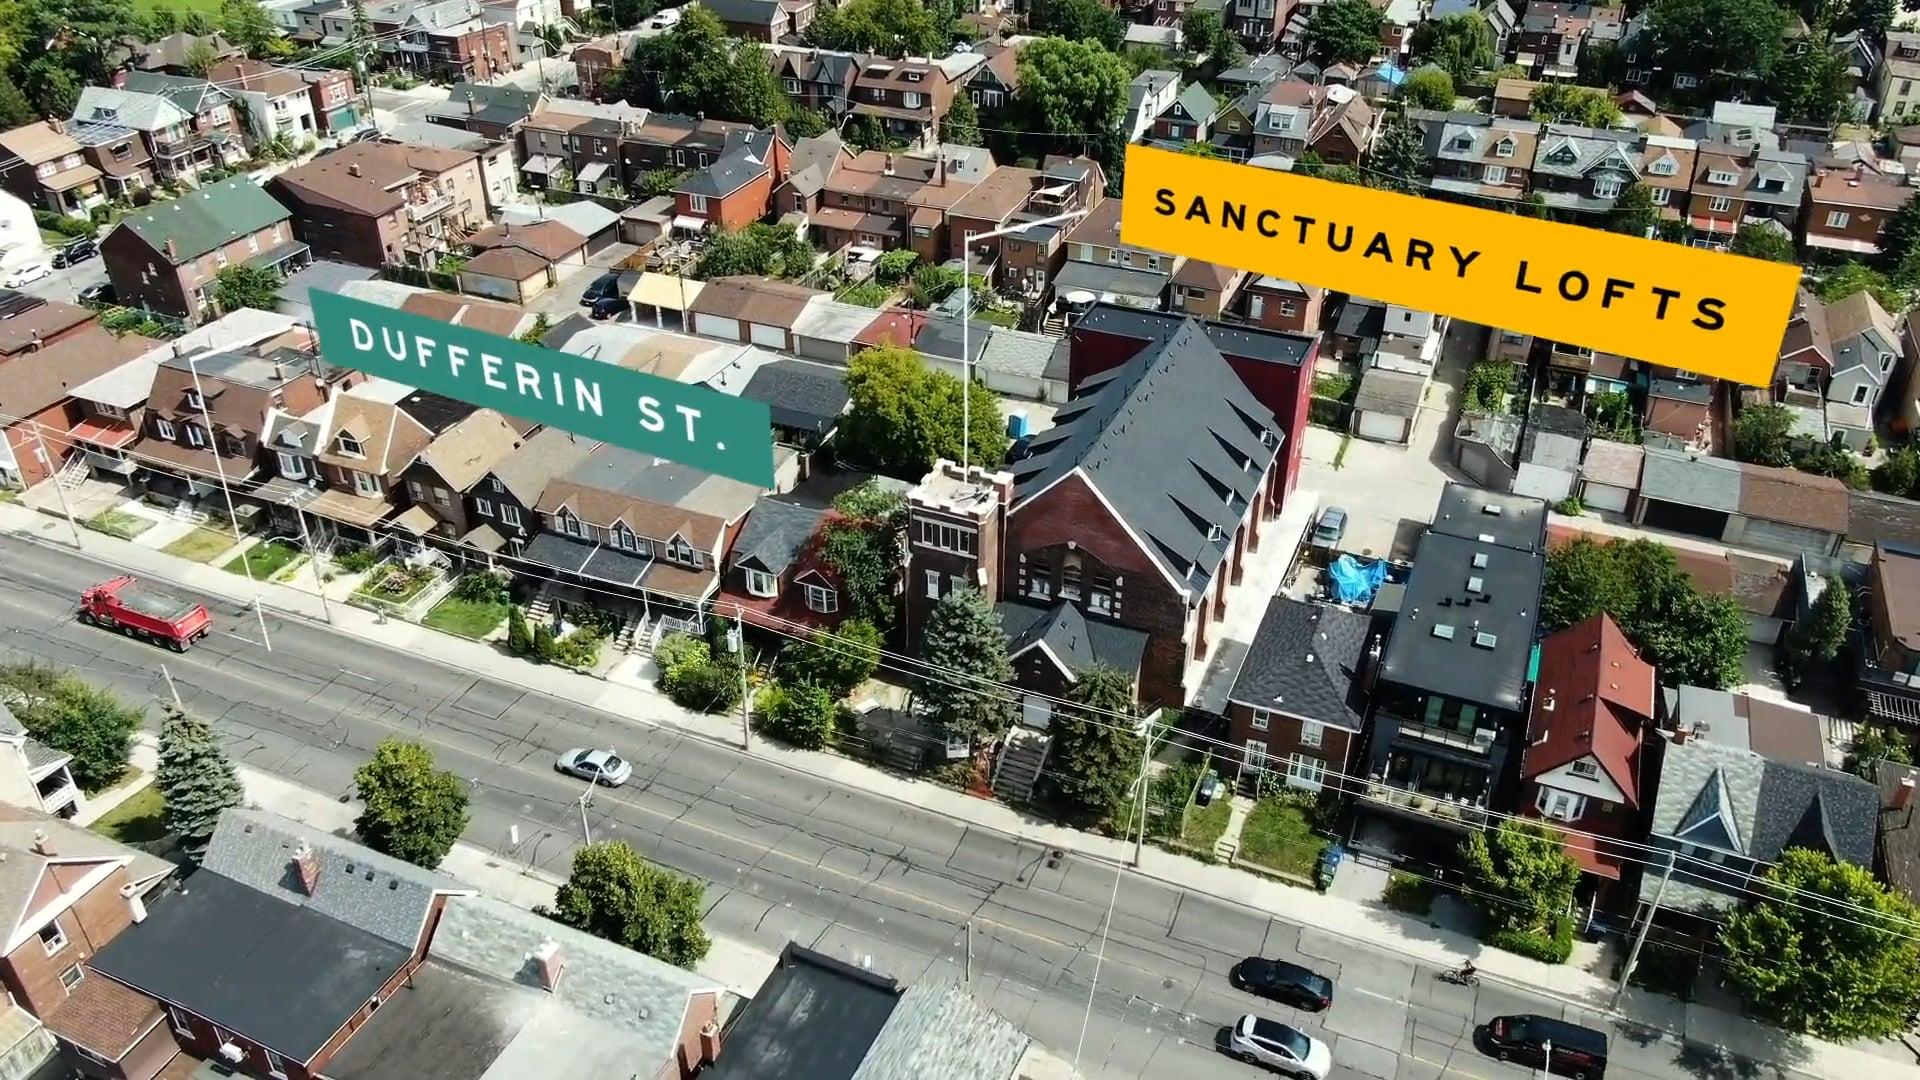 Sanctuary Lofts